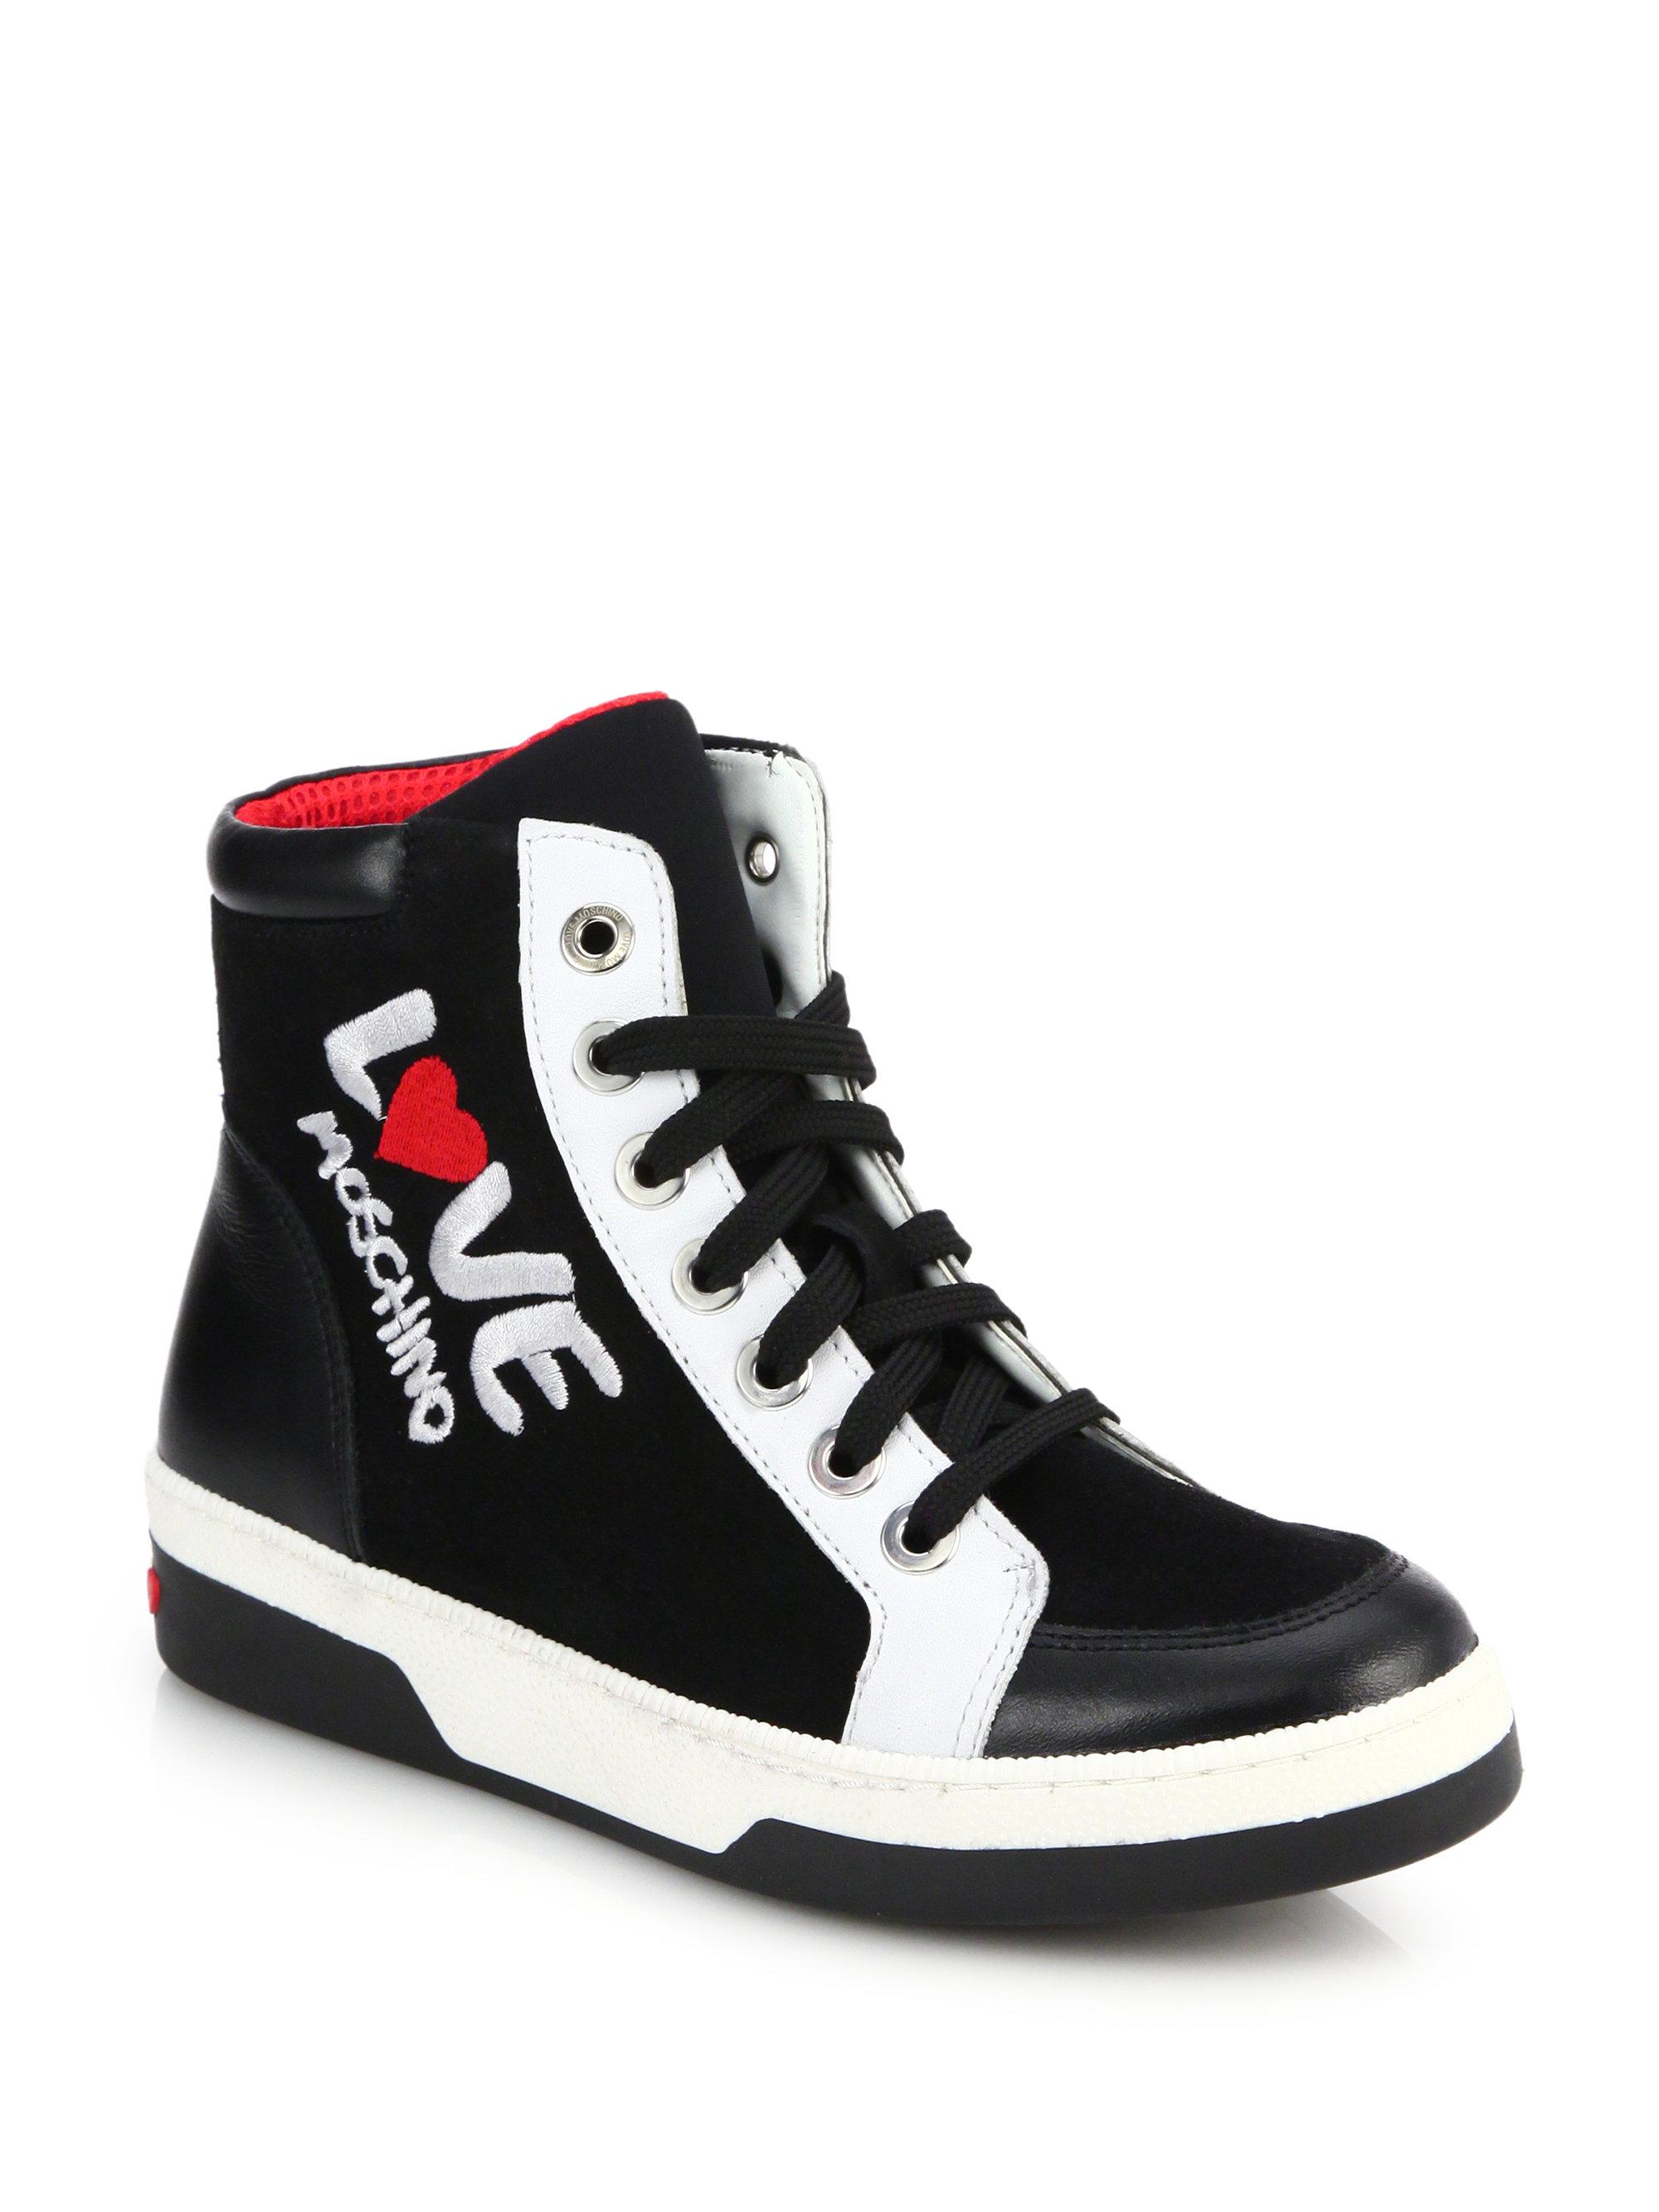 Love Moschino High-tops Et Chaussures De Sport 76T37B2mQ